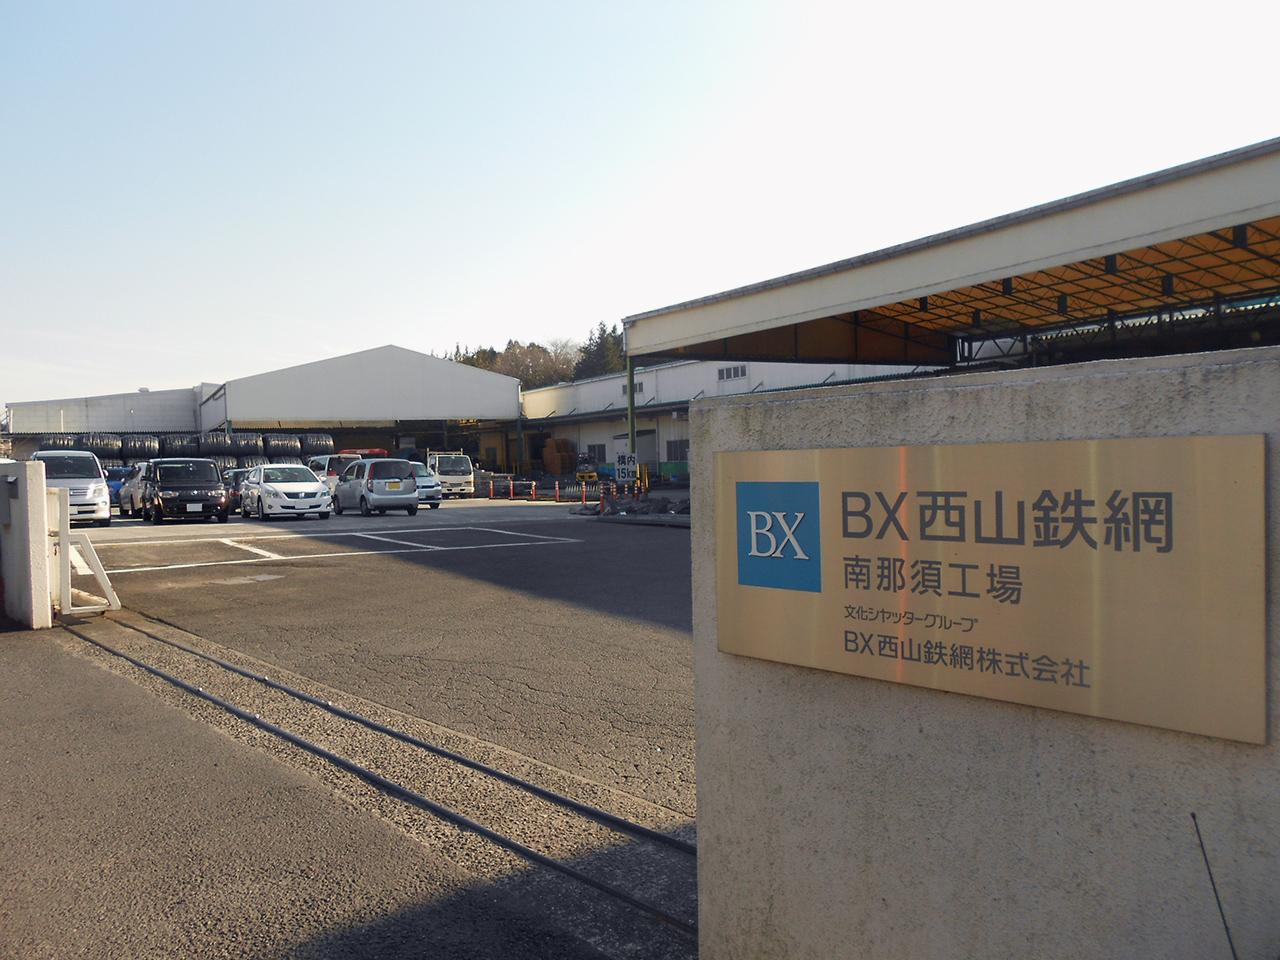 BX西山鉄網(株)南那須工場